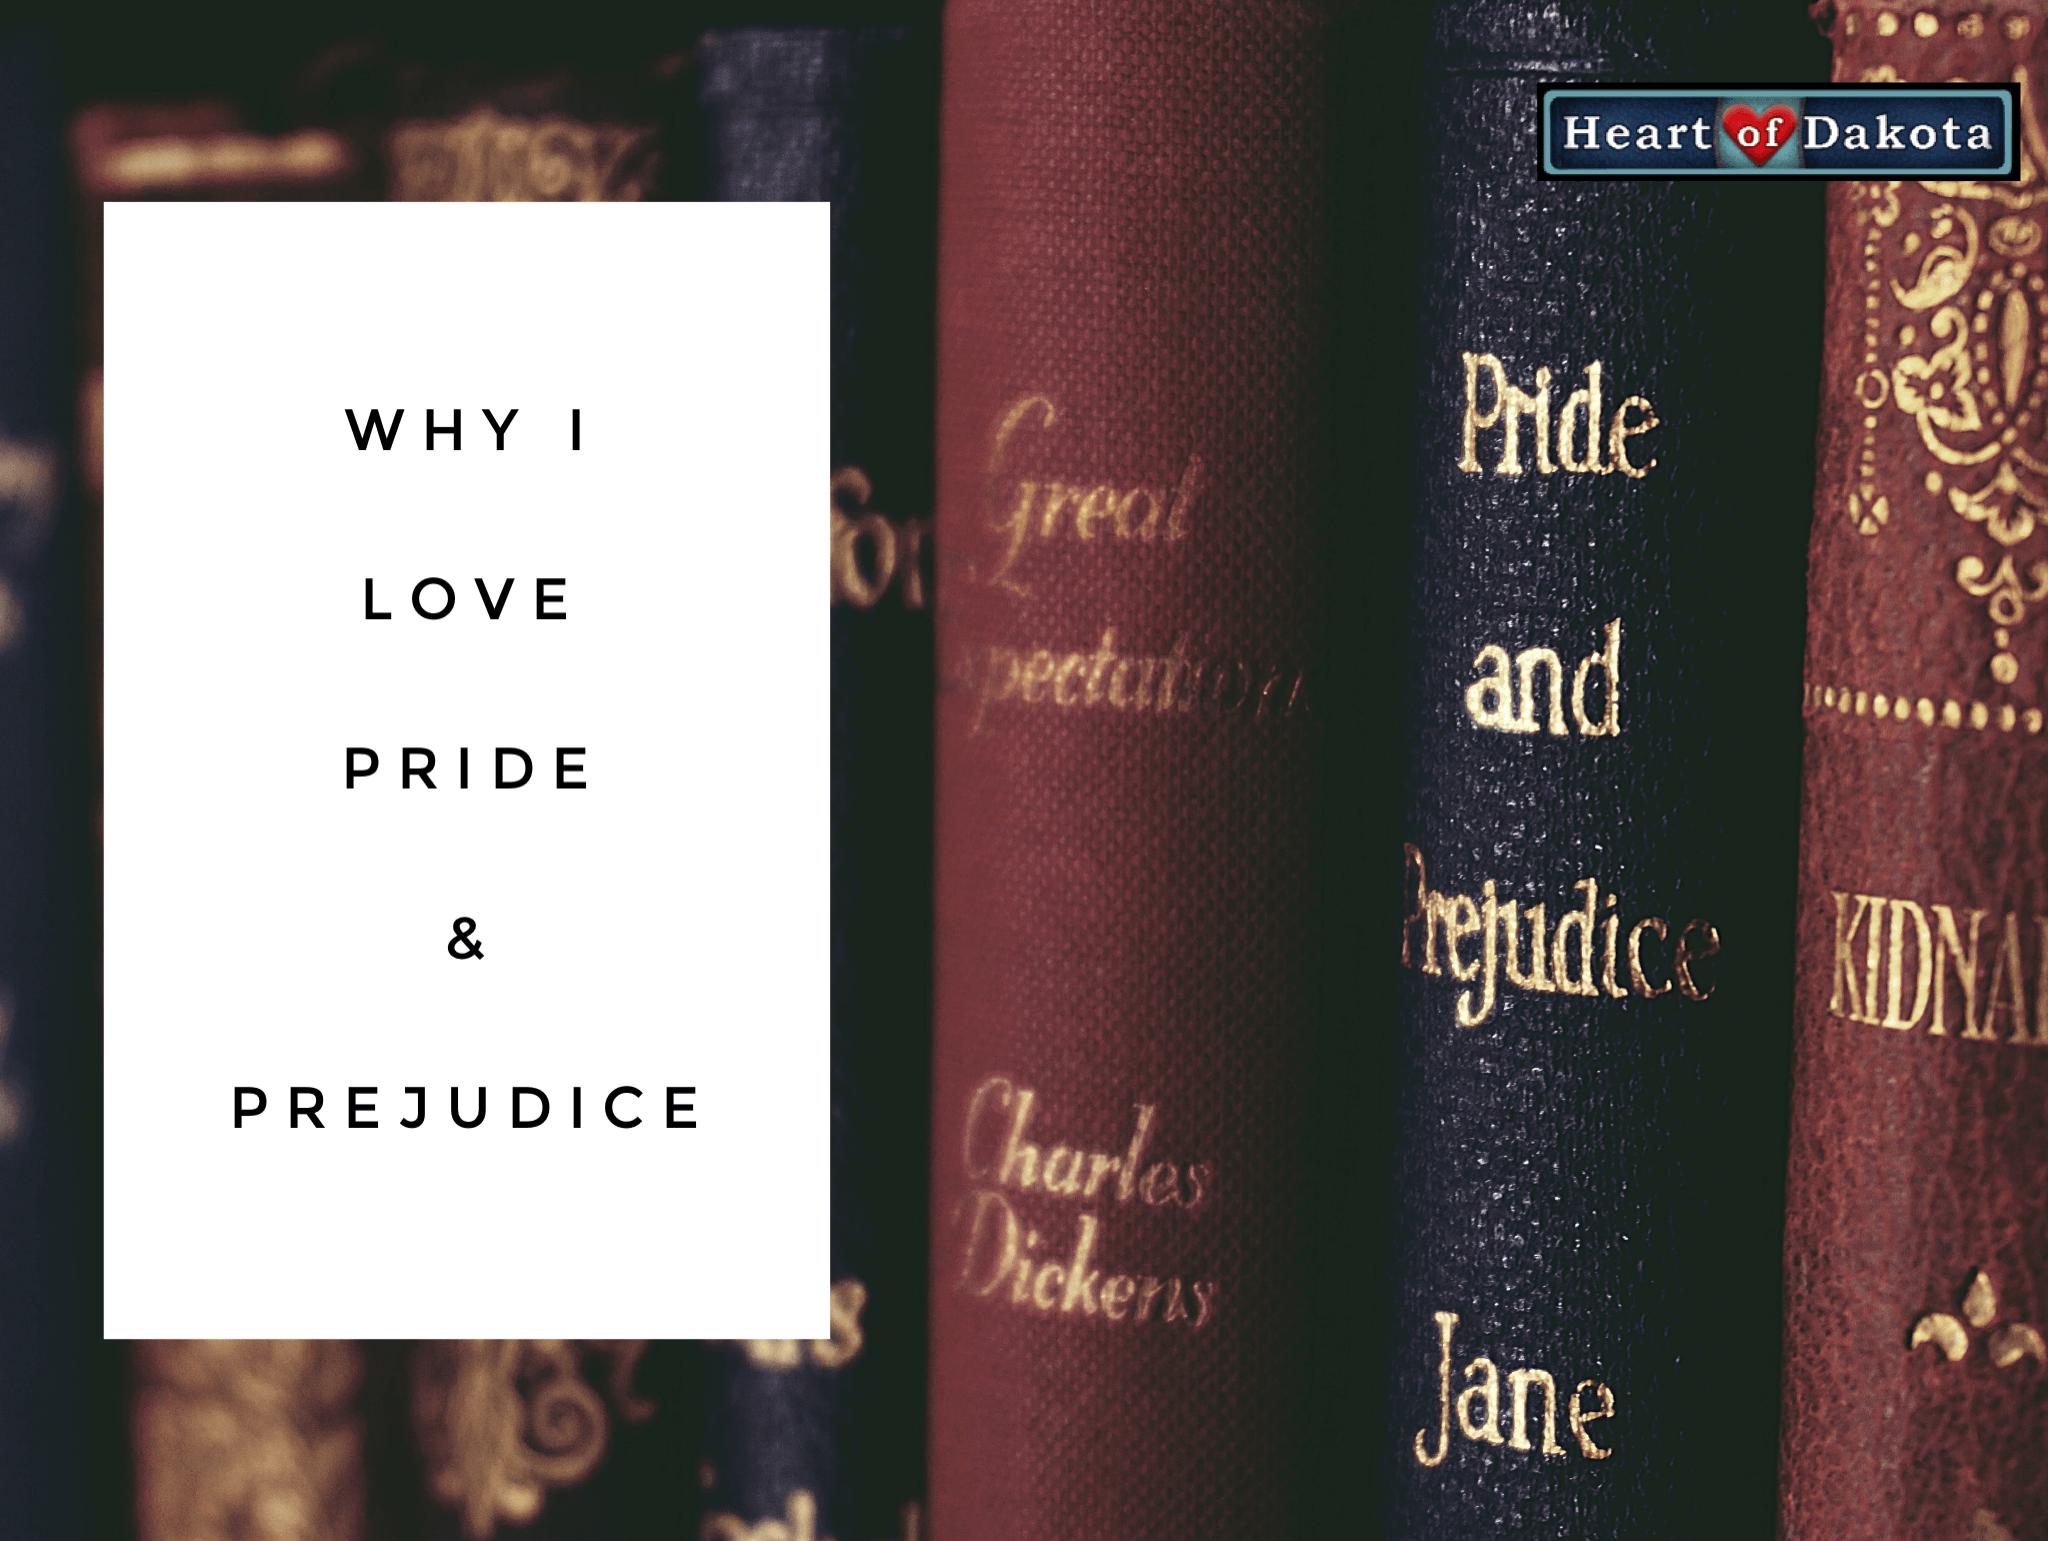 Why I Love Pride and Prejudice.